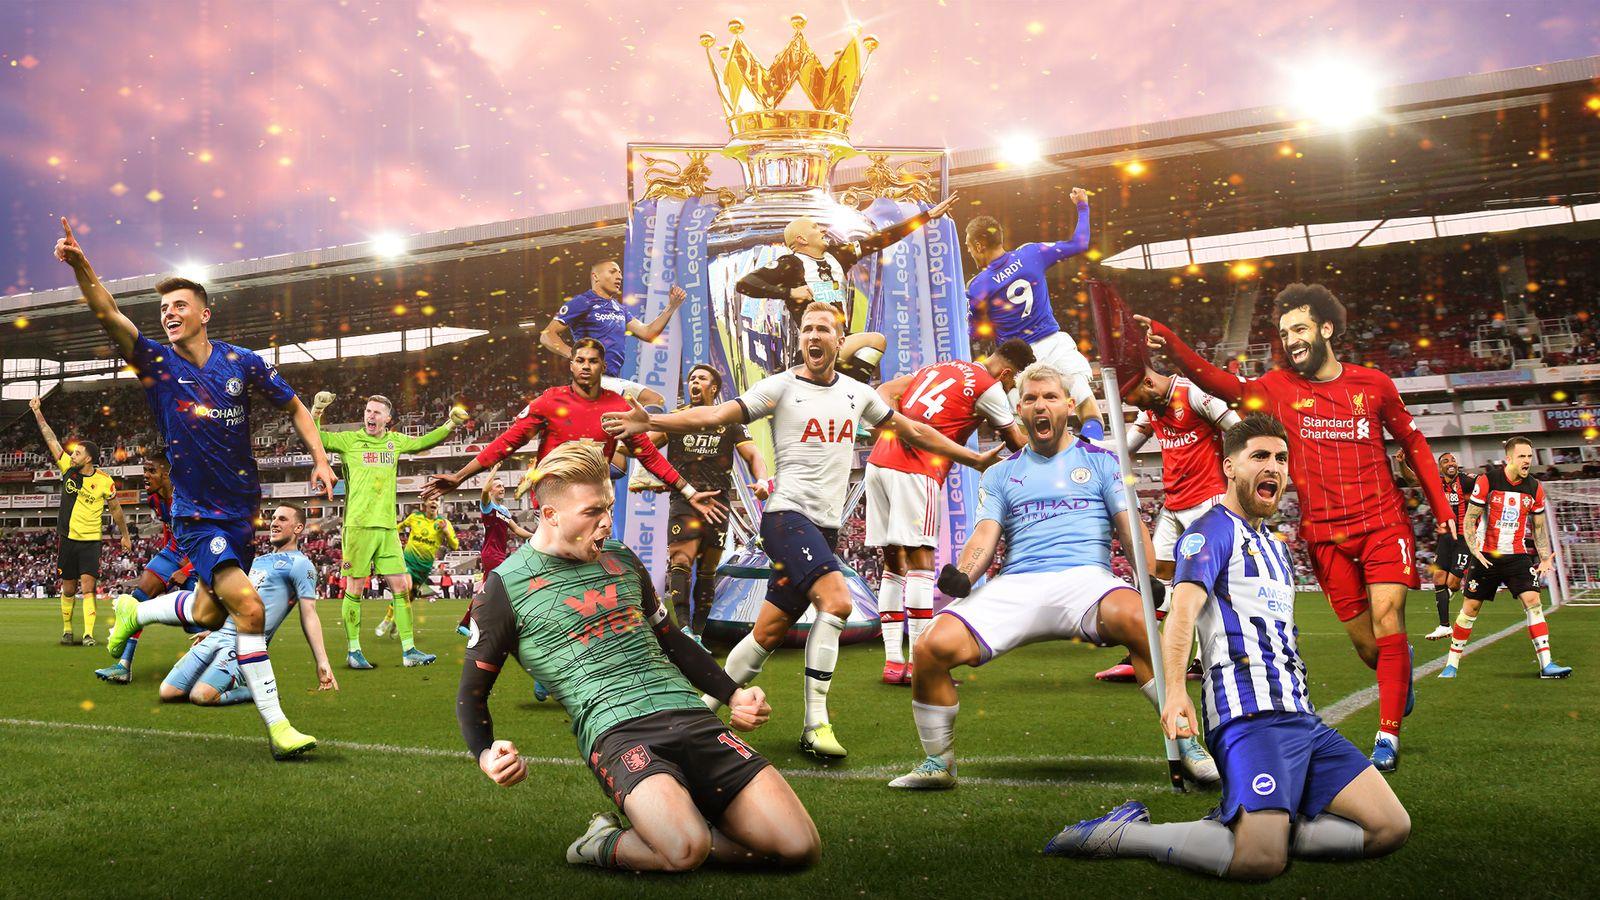 La domenica di Premier League